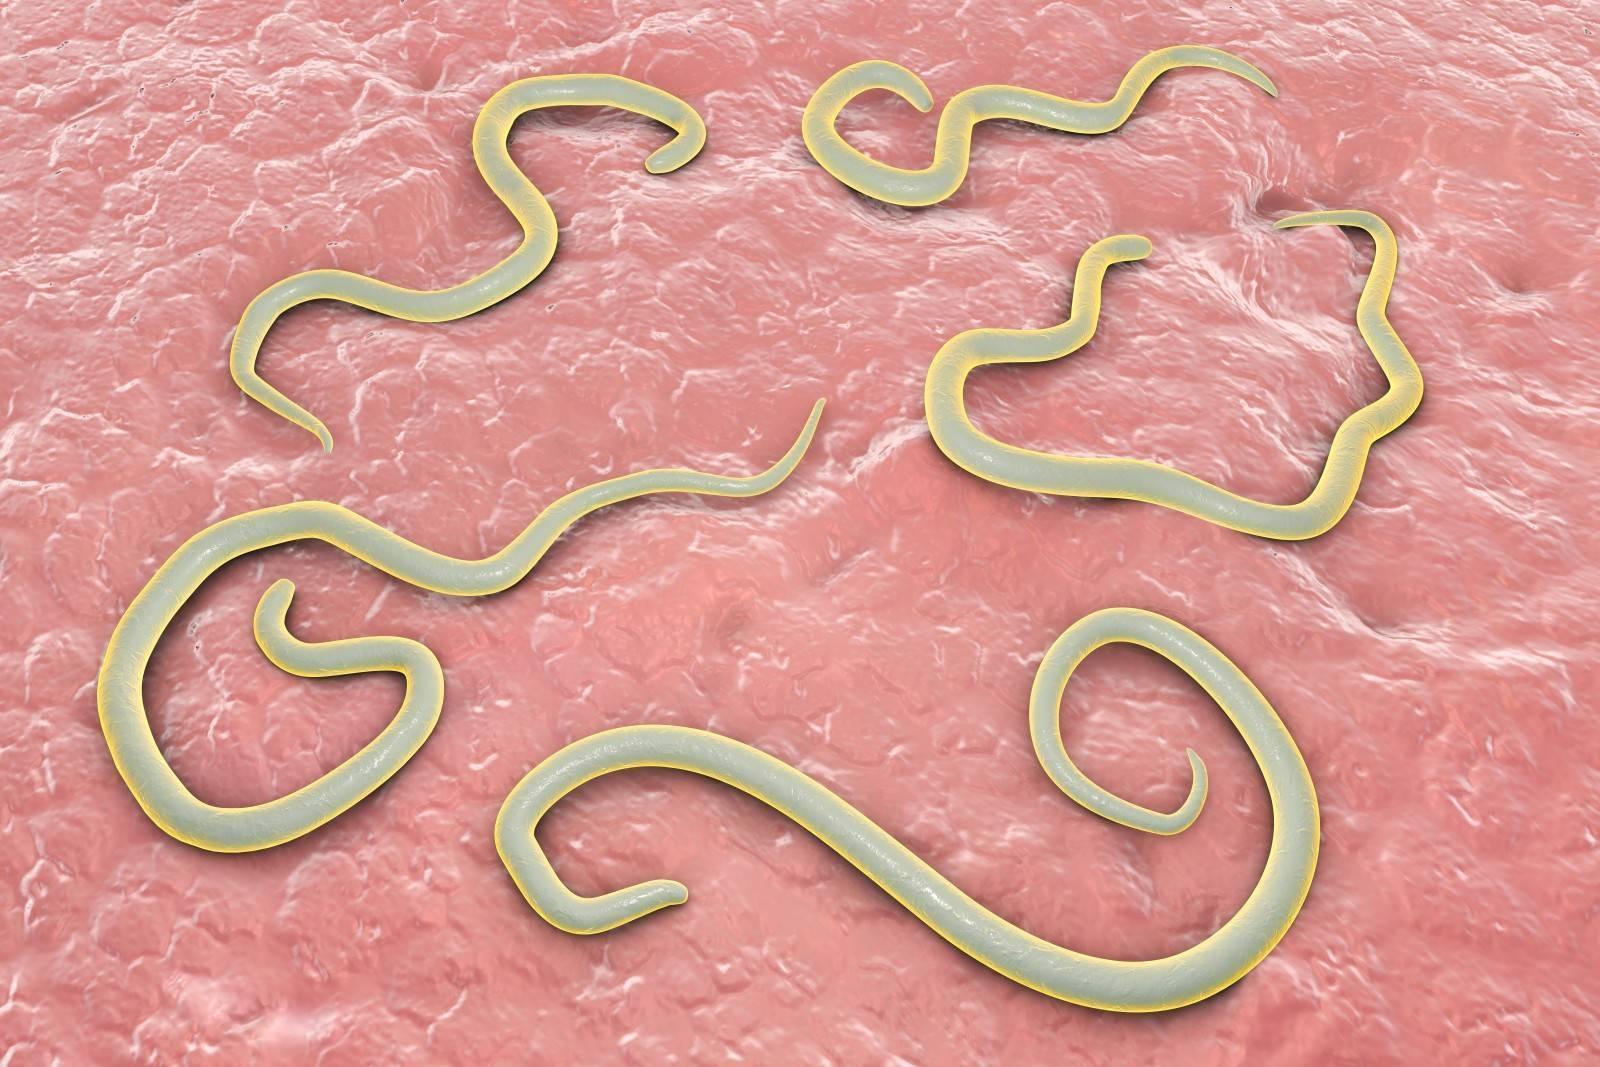 Виды паразитов в организме человека